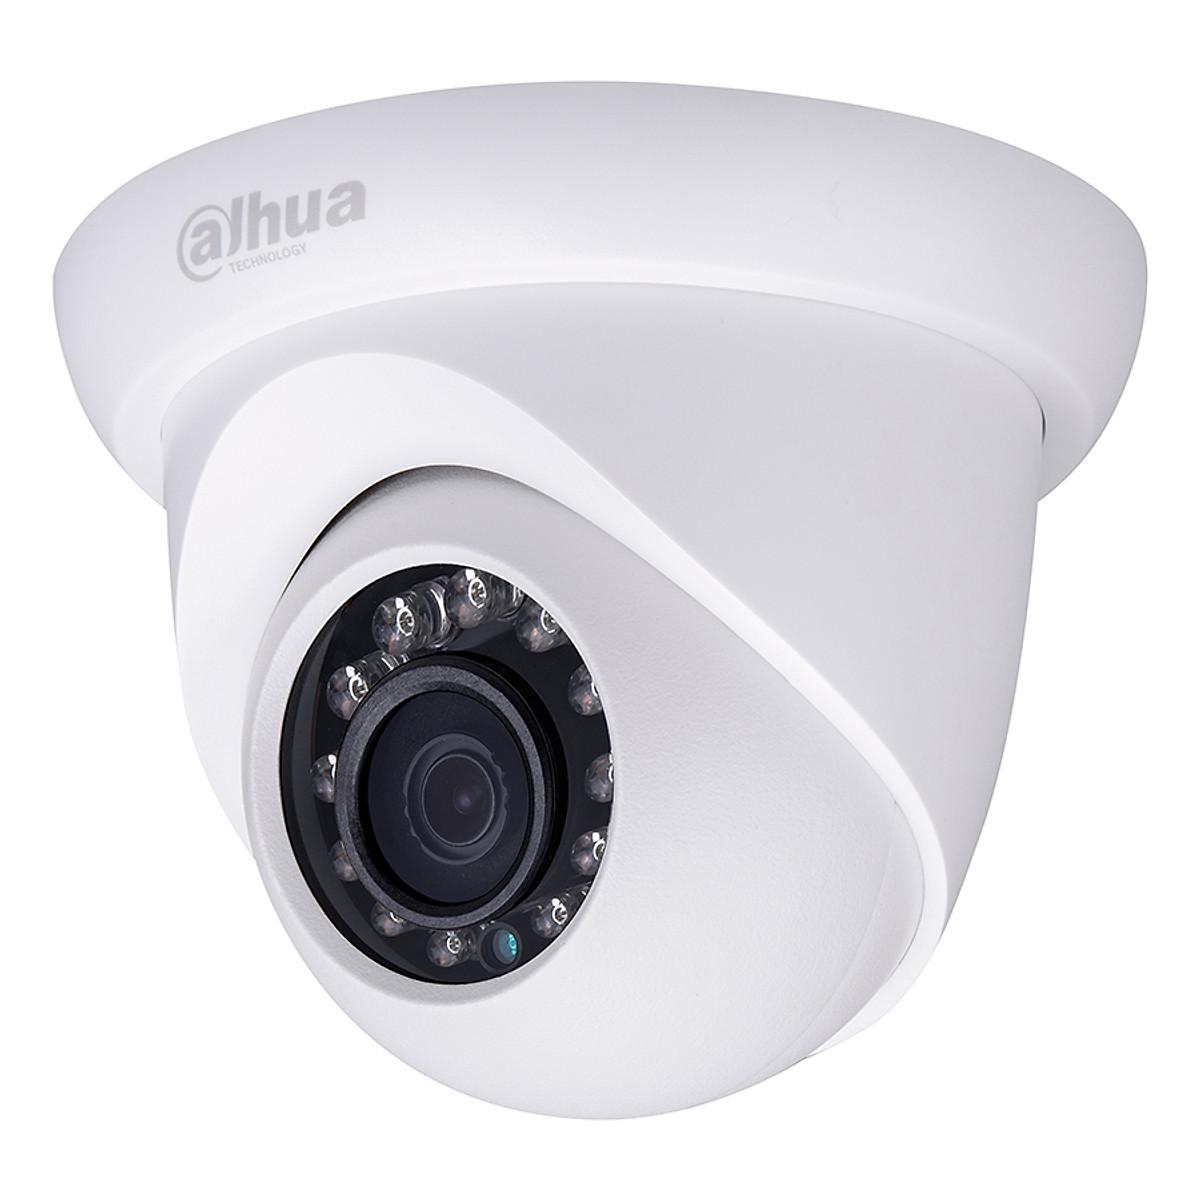 Camera Dahua DS2300Dip 3.0 Megapixel, Micro LED IR 30m, Ống Kính F3.5mm Góc Nhìn 81 Độ, Poe, Onvif – Hàng Nhập Khẩu